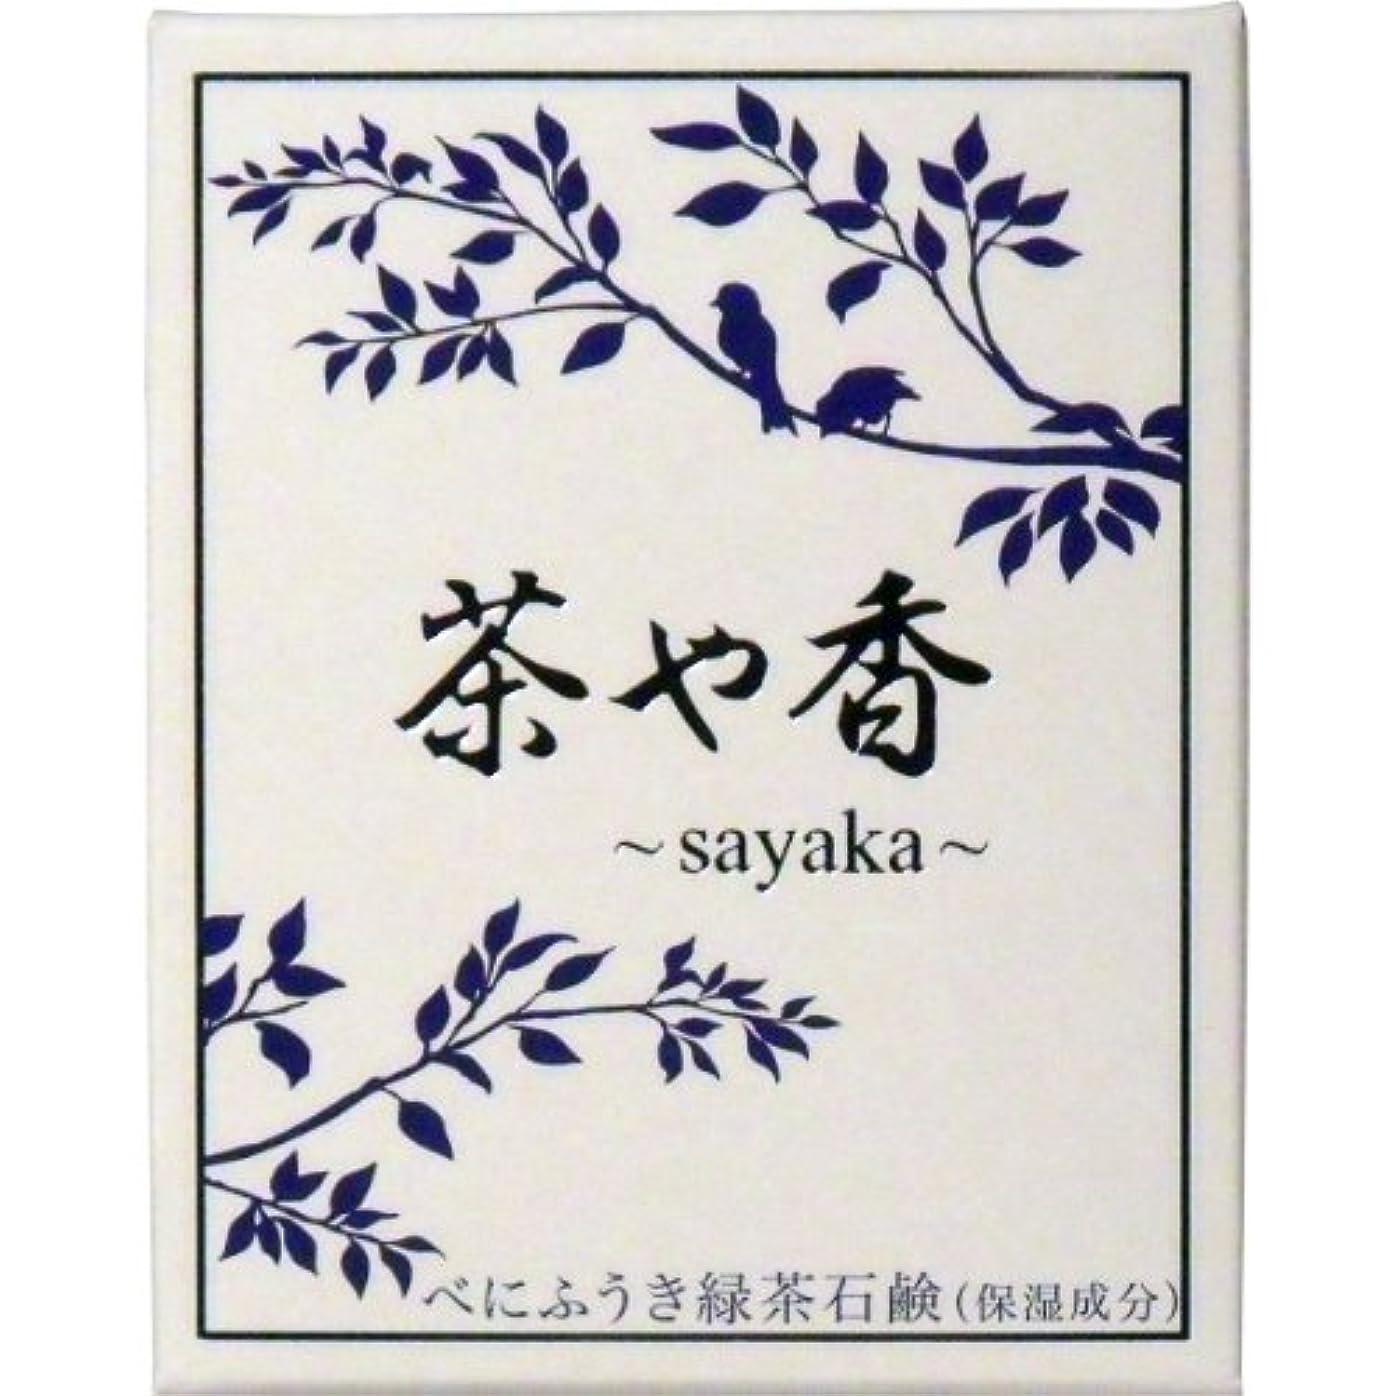 ラフ睡眠ジャンピングジャック形成茶や香 -sayaka- べにふうき緑茶石鹸 100g入 ×6個セット